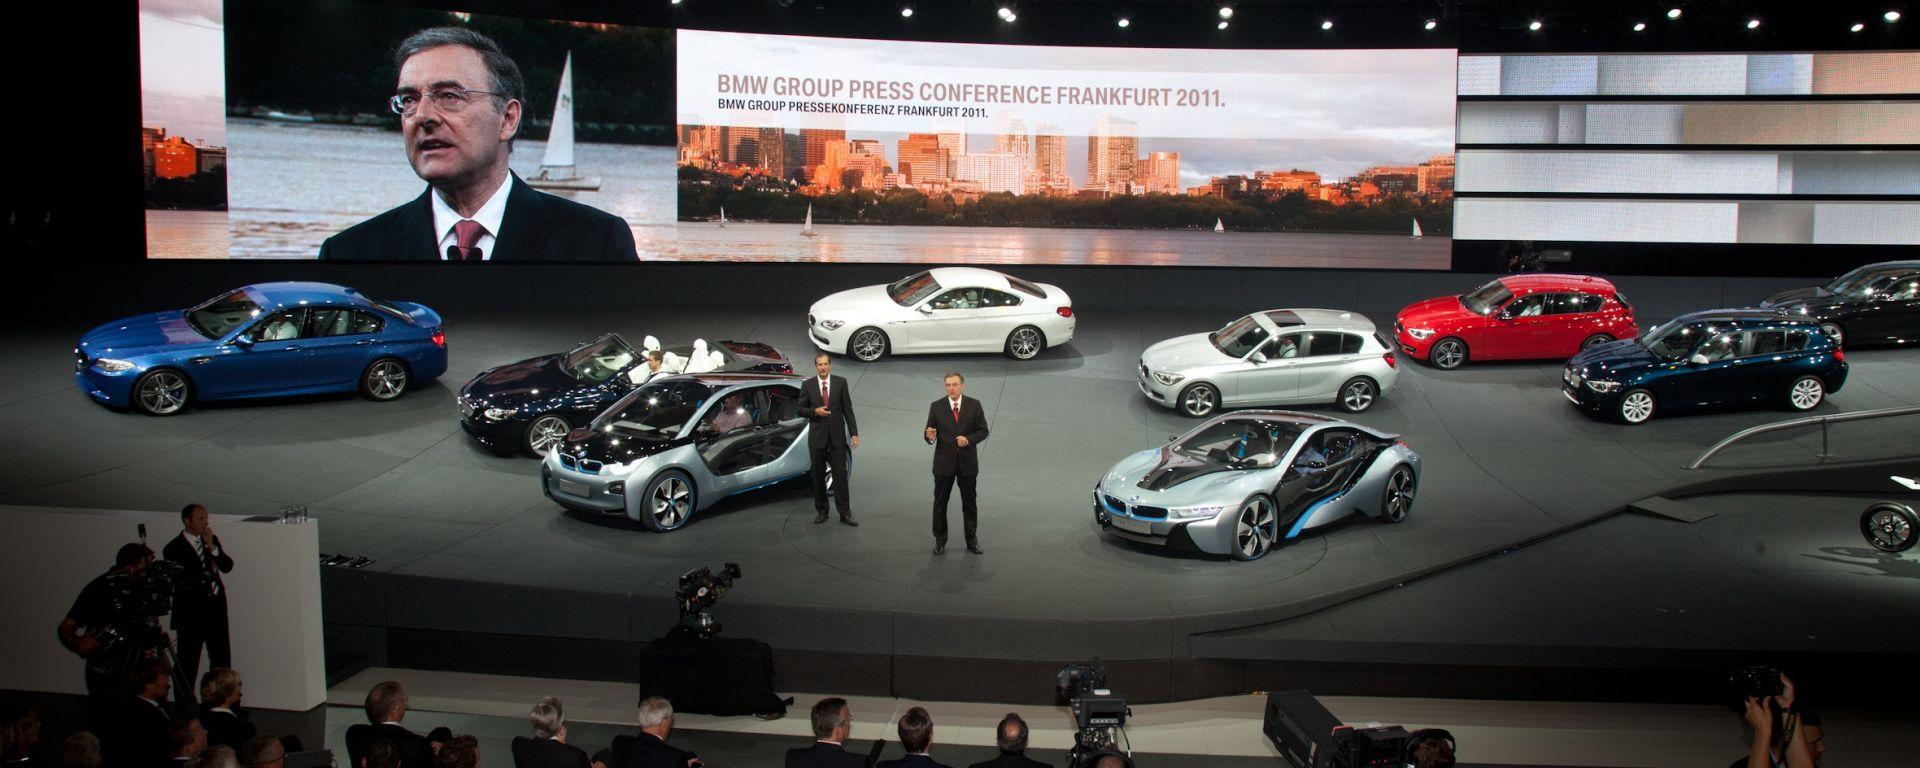 Francoforte IAA 2011: Bmw i3 e i8, Serie 1 e M5 2012